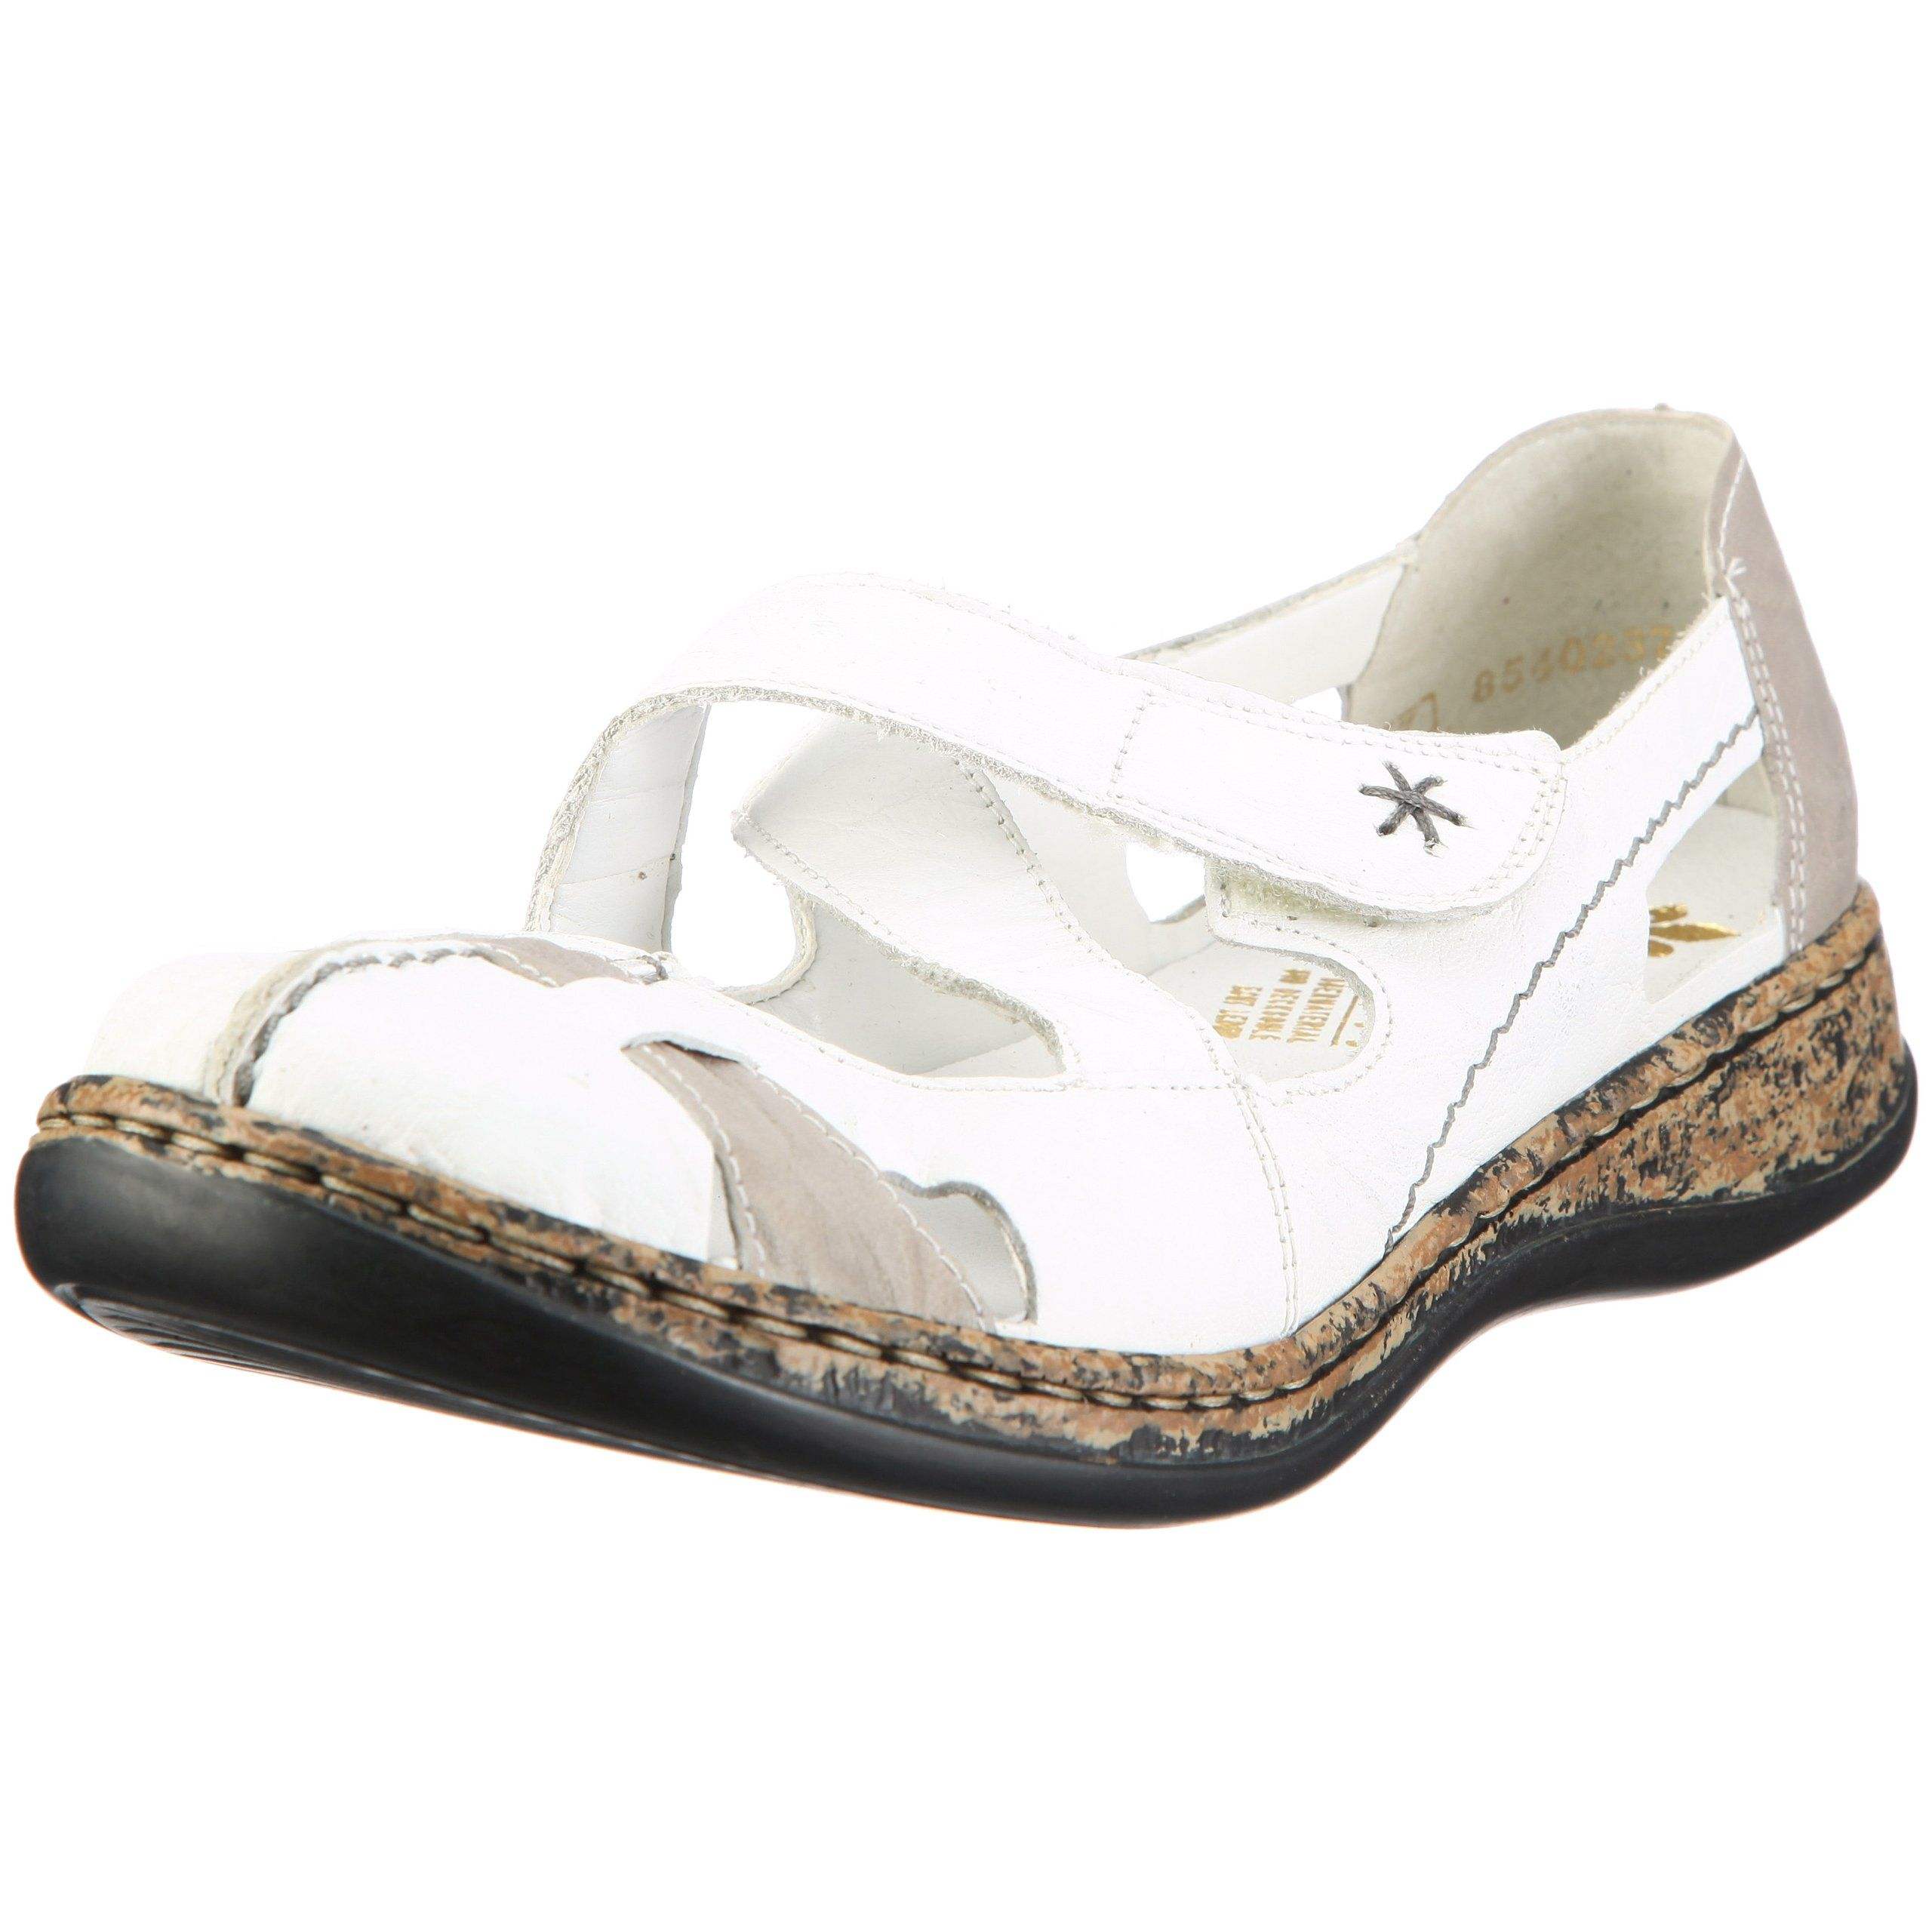 Rieker ladies shoes amazon women trotteur beige R593,£51.84